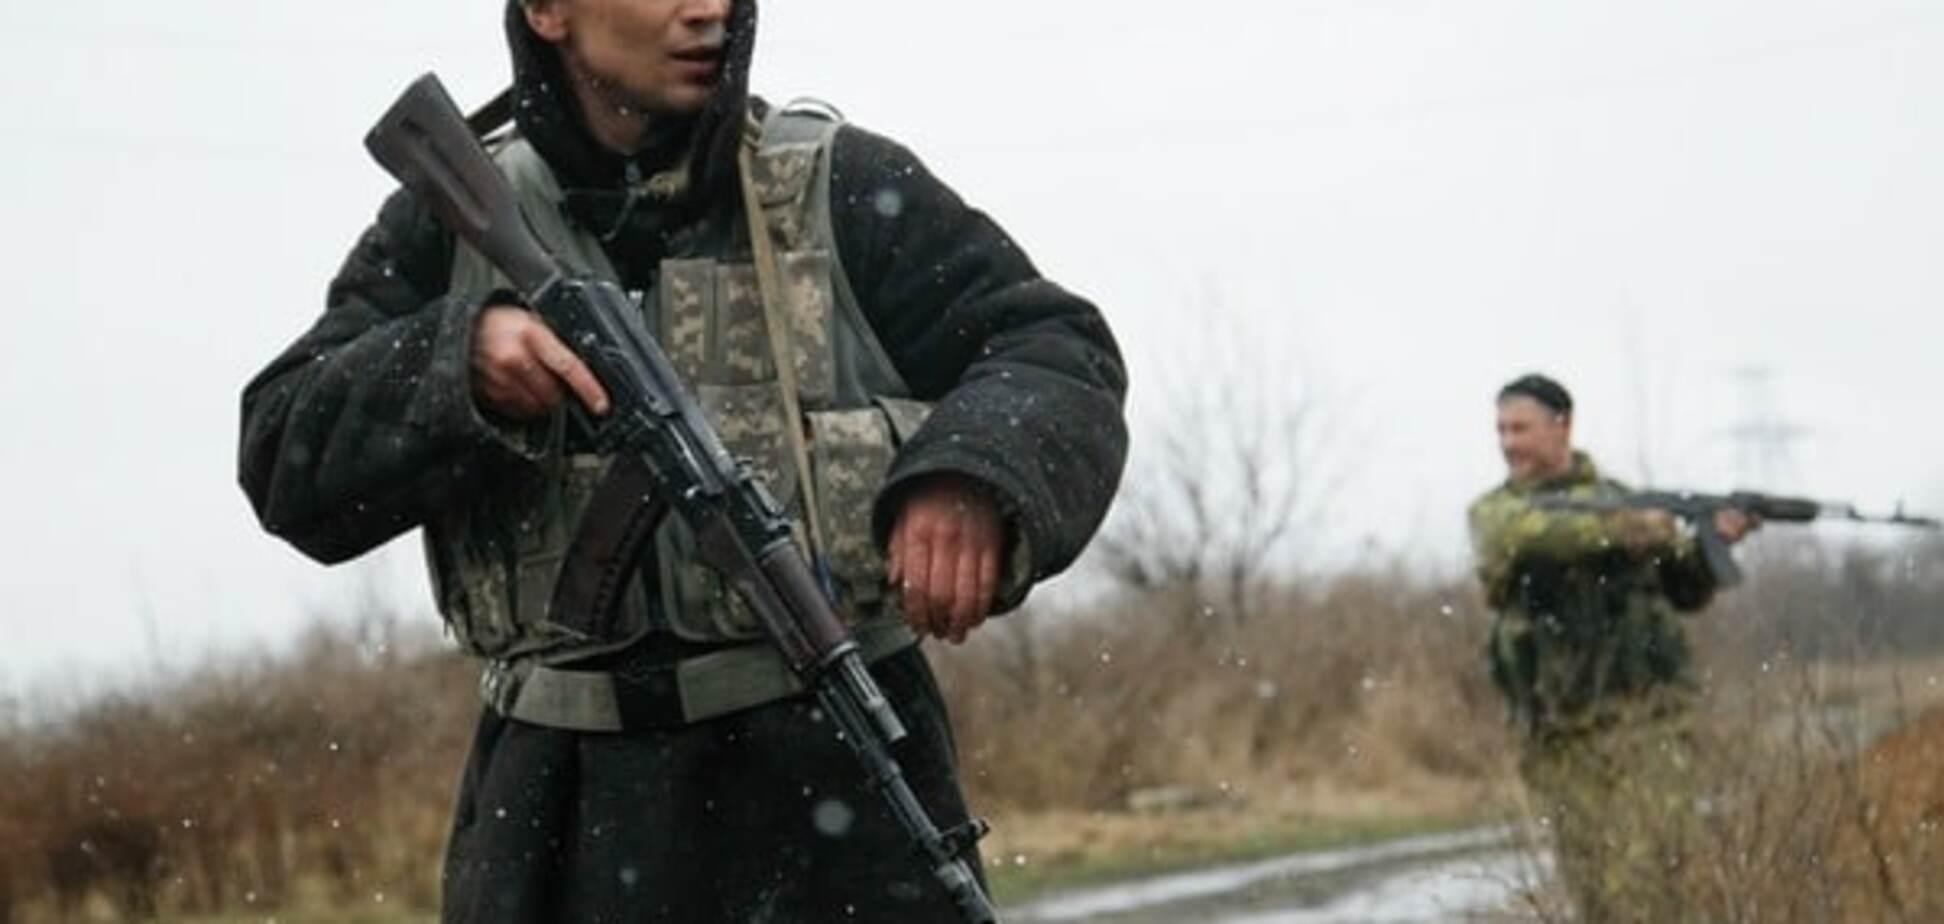 Террористы вновь нарушили 'режим тишины' на Донбассе, ранен боец АТО